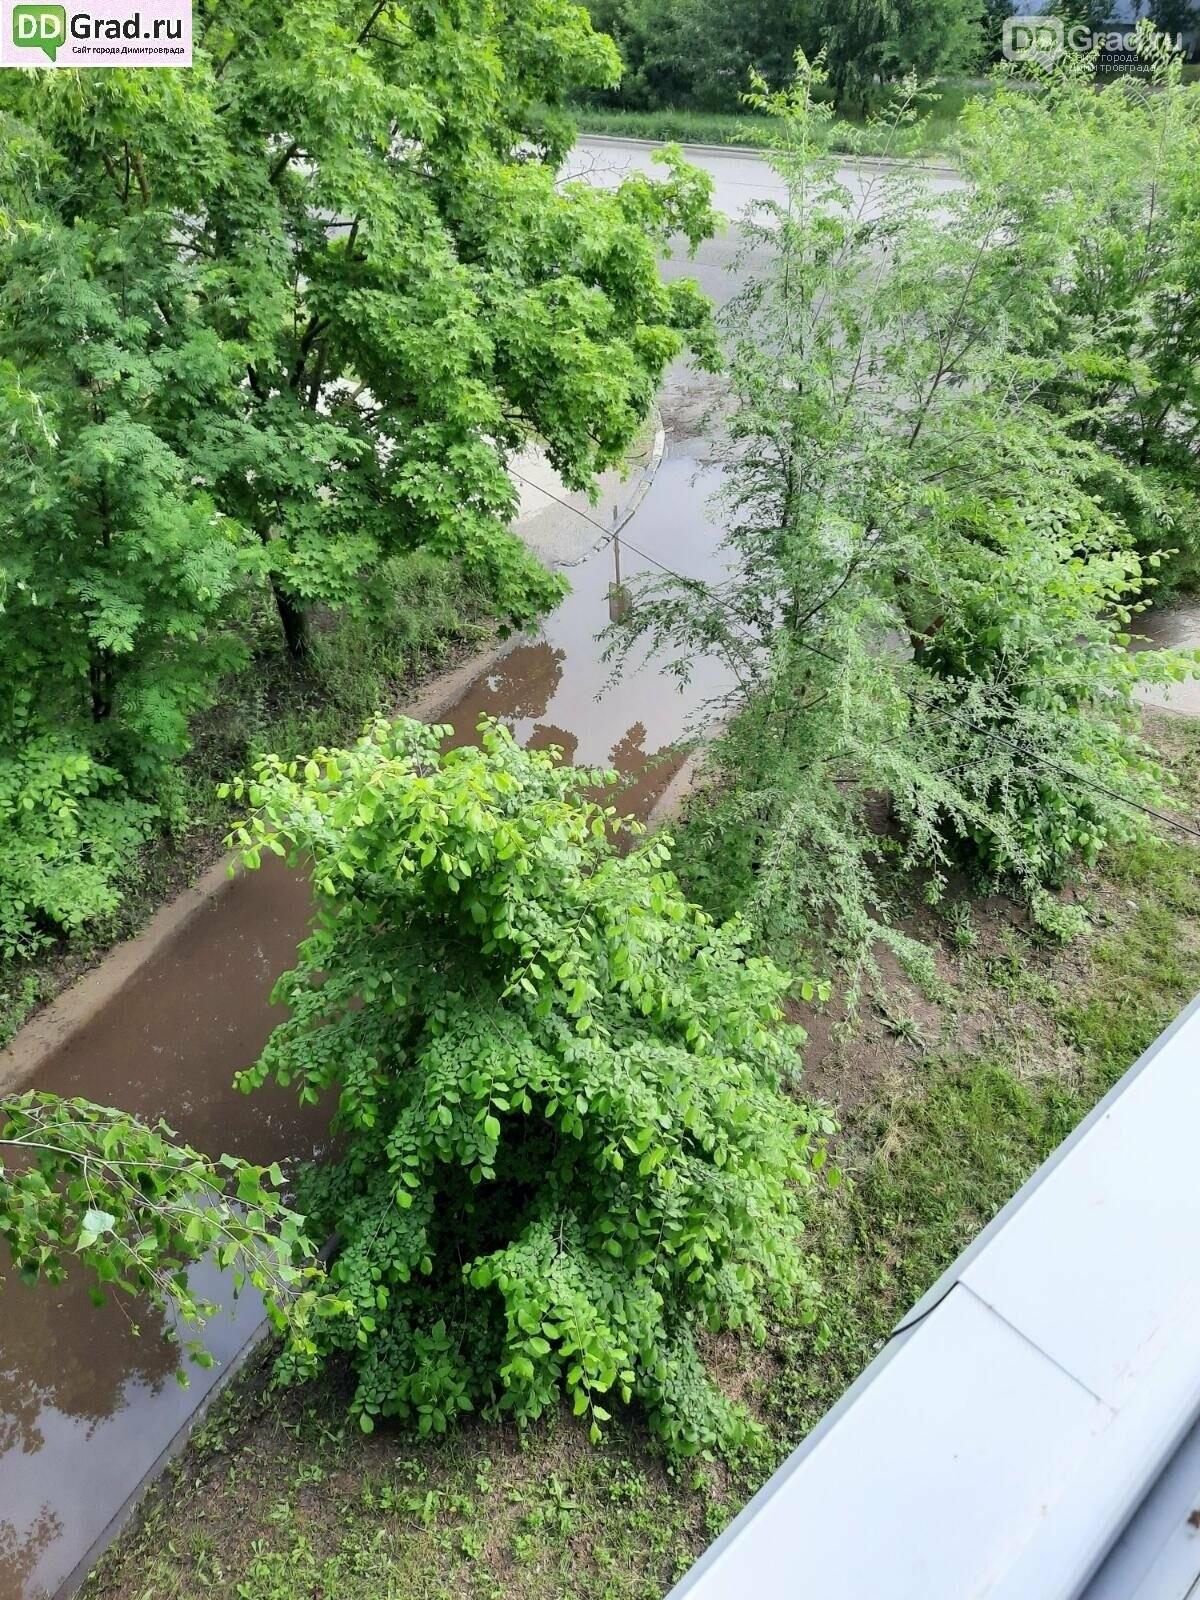 Течёт ручей, бежит ручей... Дороги в Димитровграде, фото-5